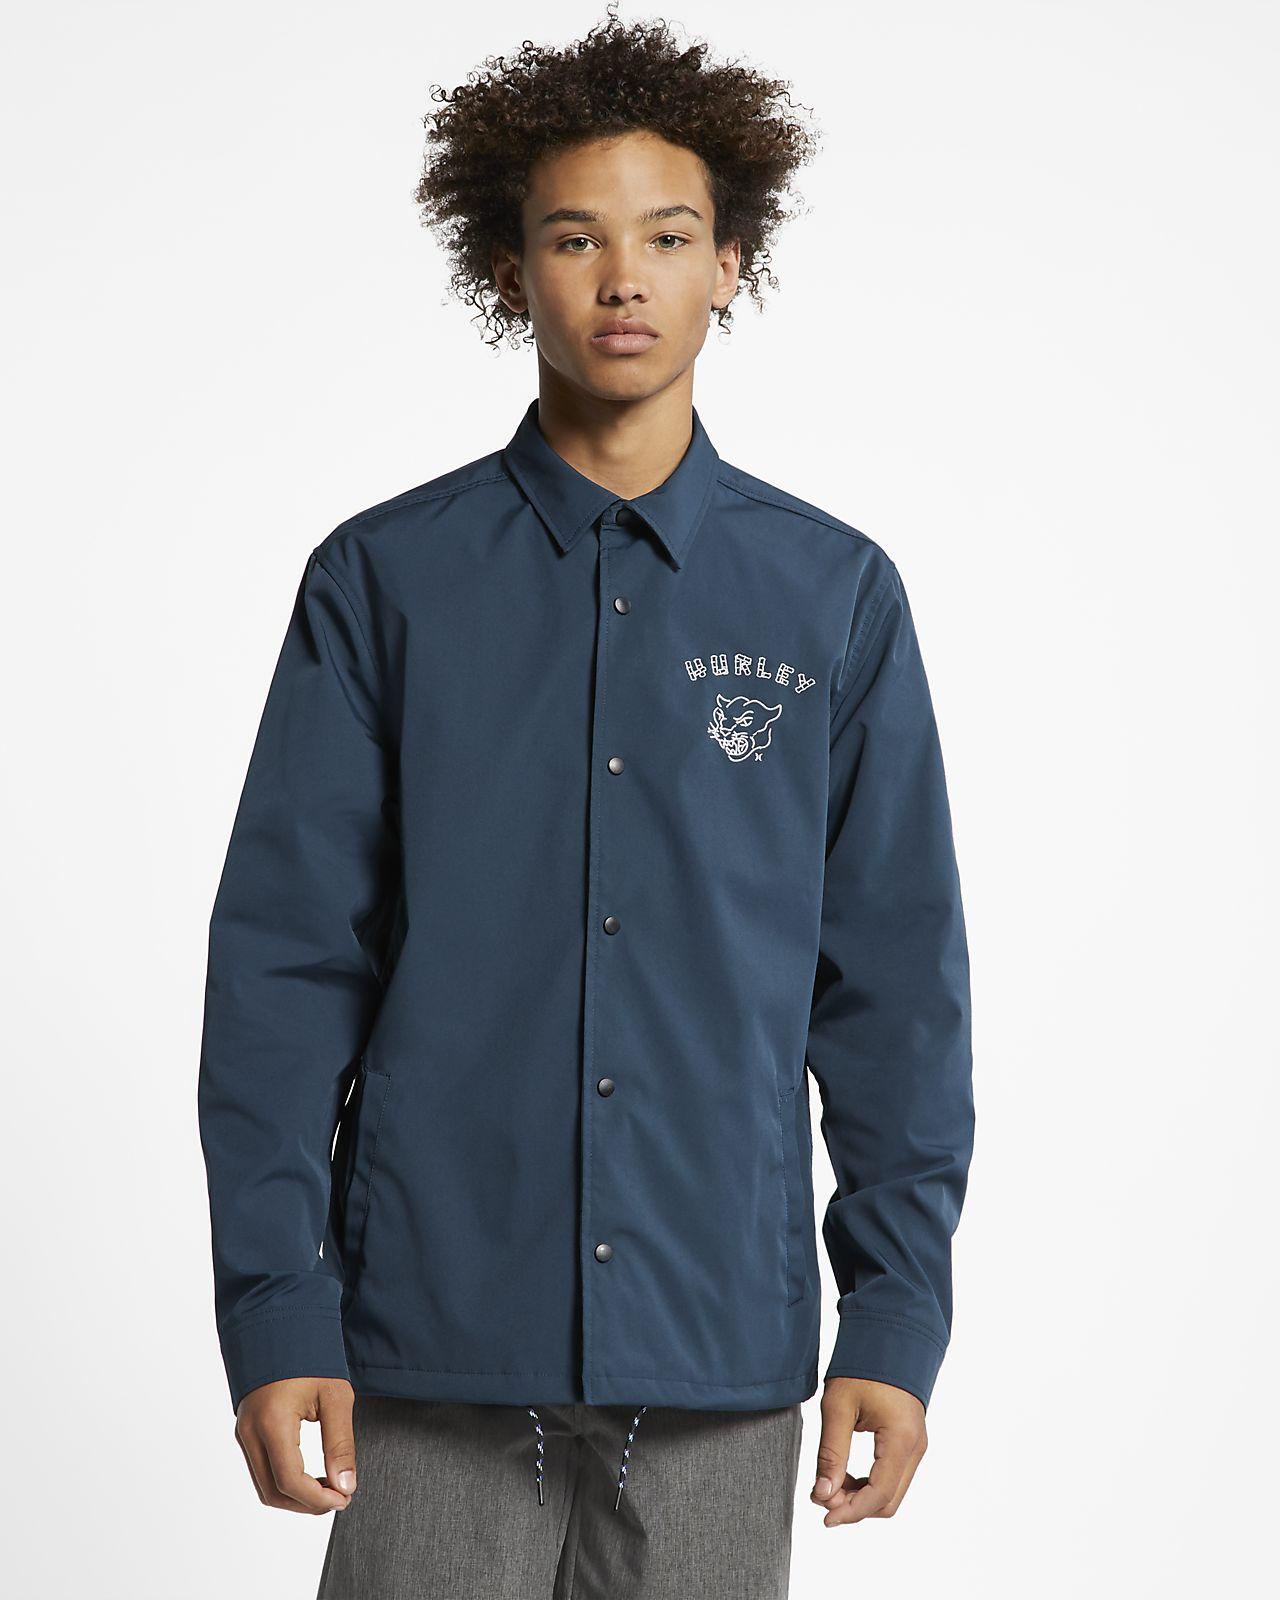 Hurley Coaches-jakke til mænd